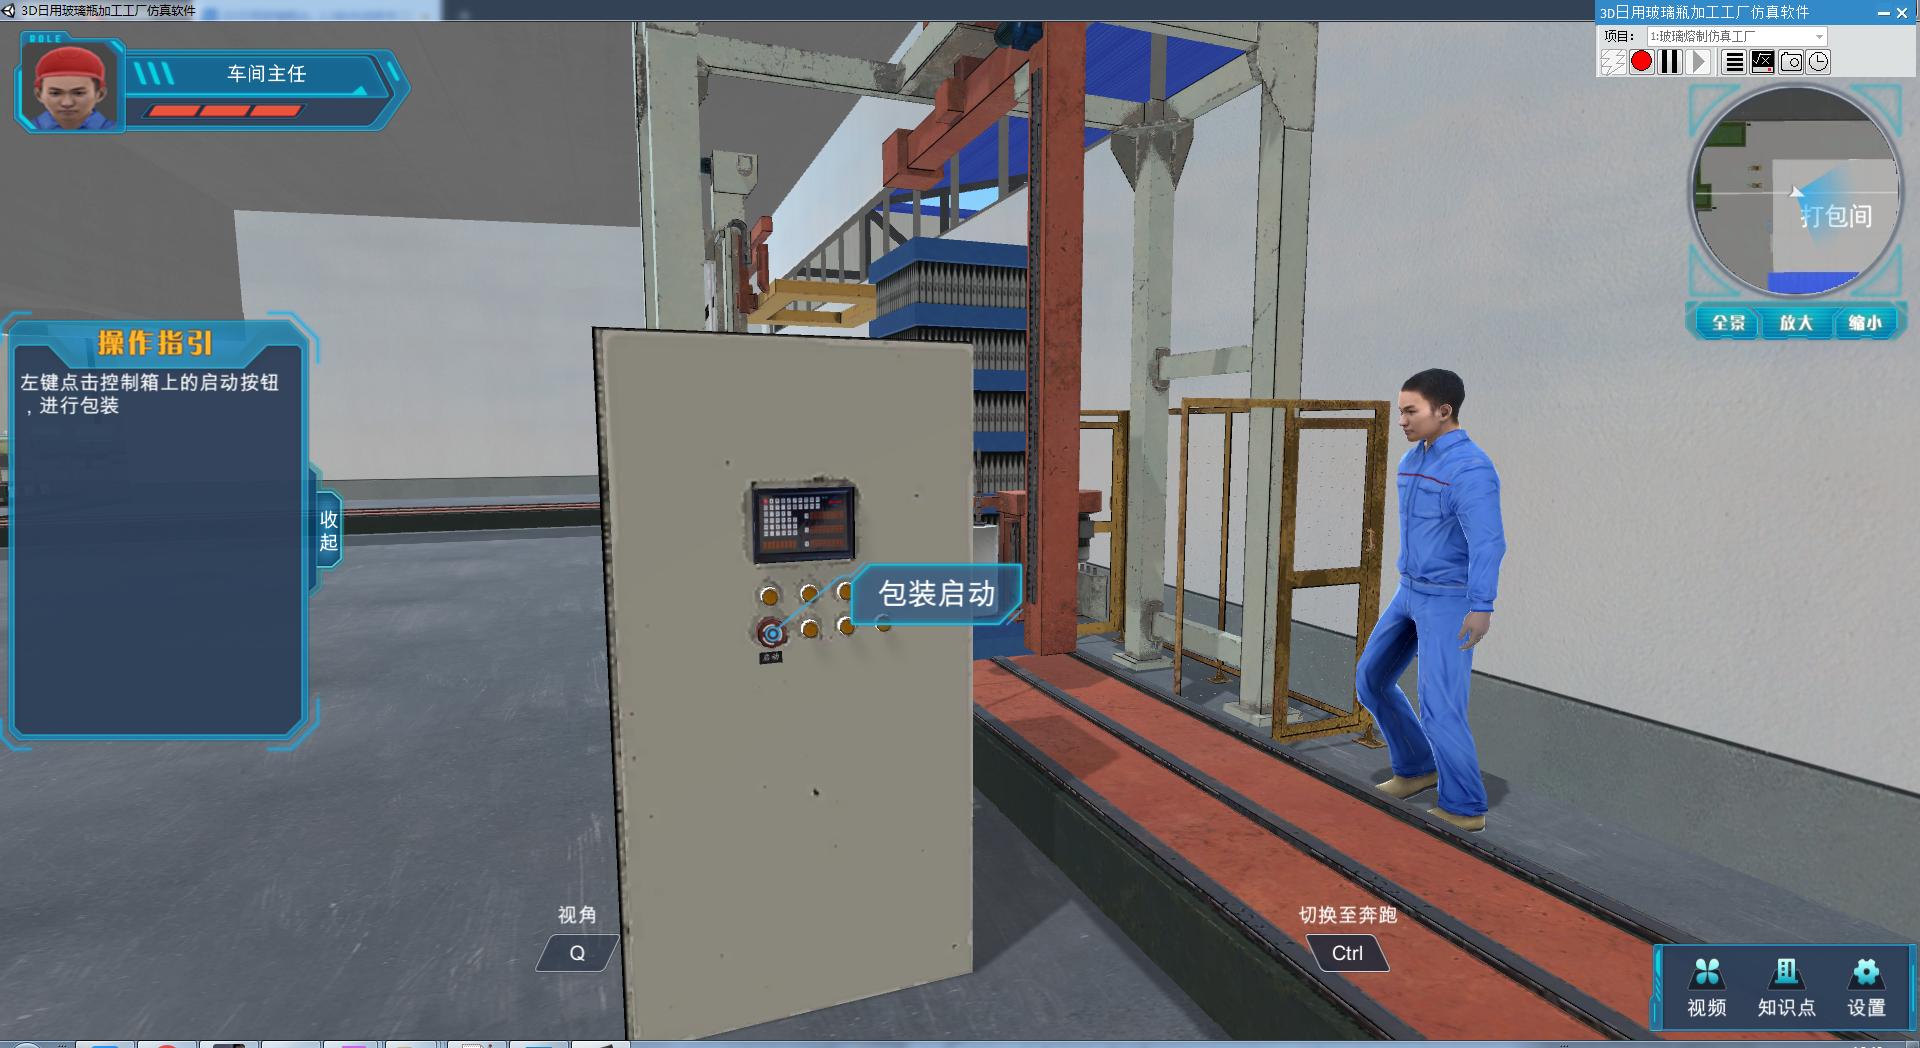 北京欧倍尔3D日用玻璃瓶加工工厂虚拟仿真软件